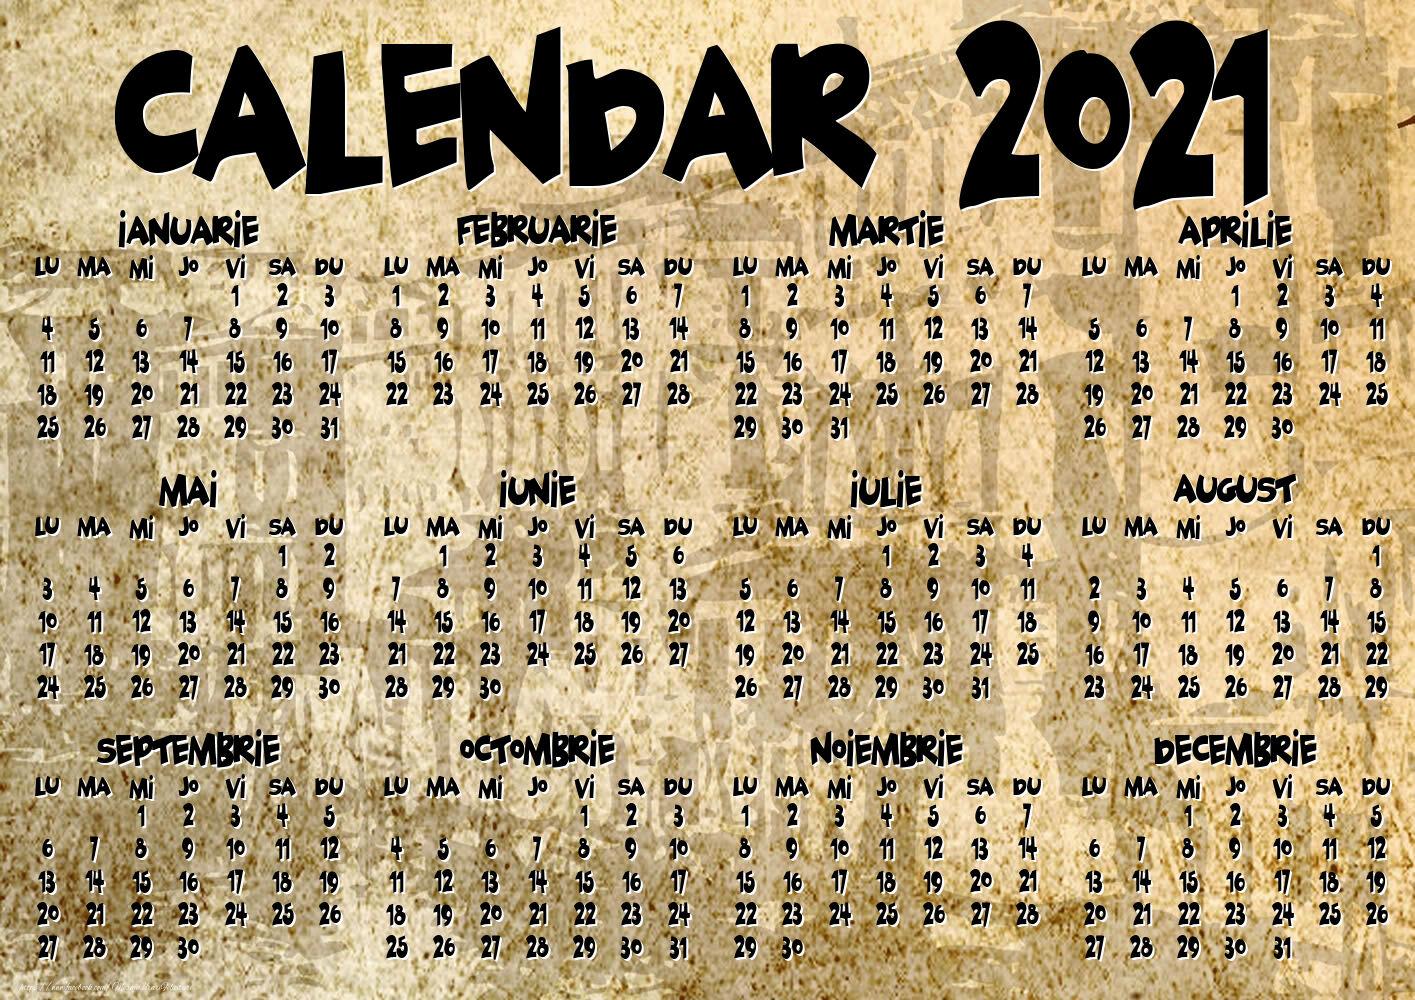 Imagini cu calendare - Vintage - Model 1